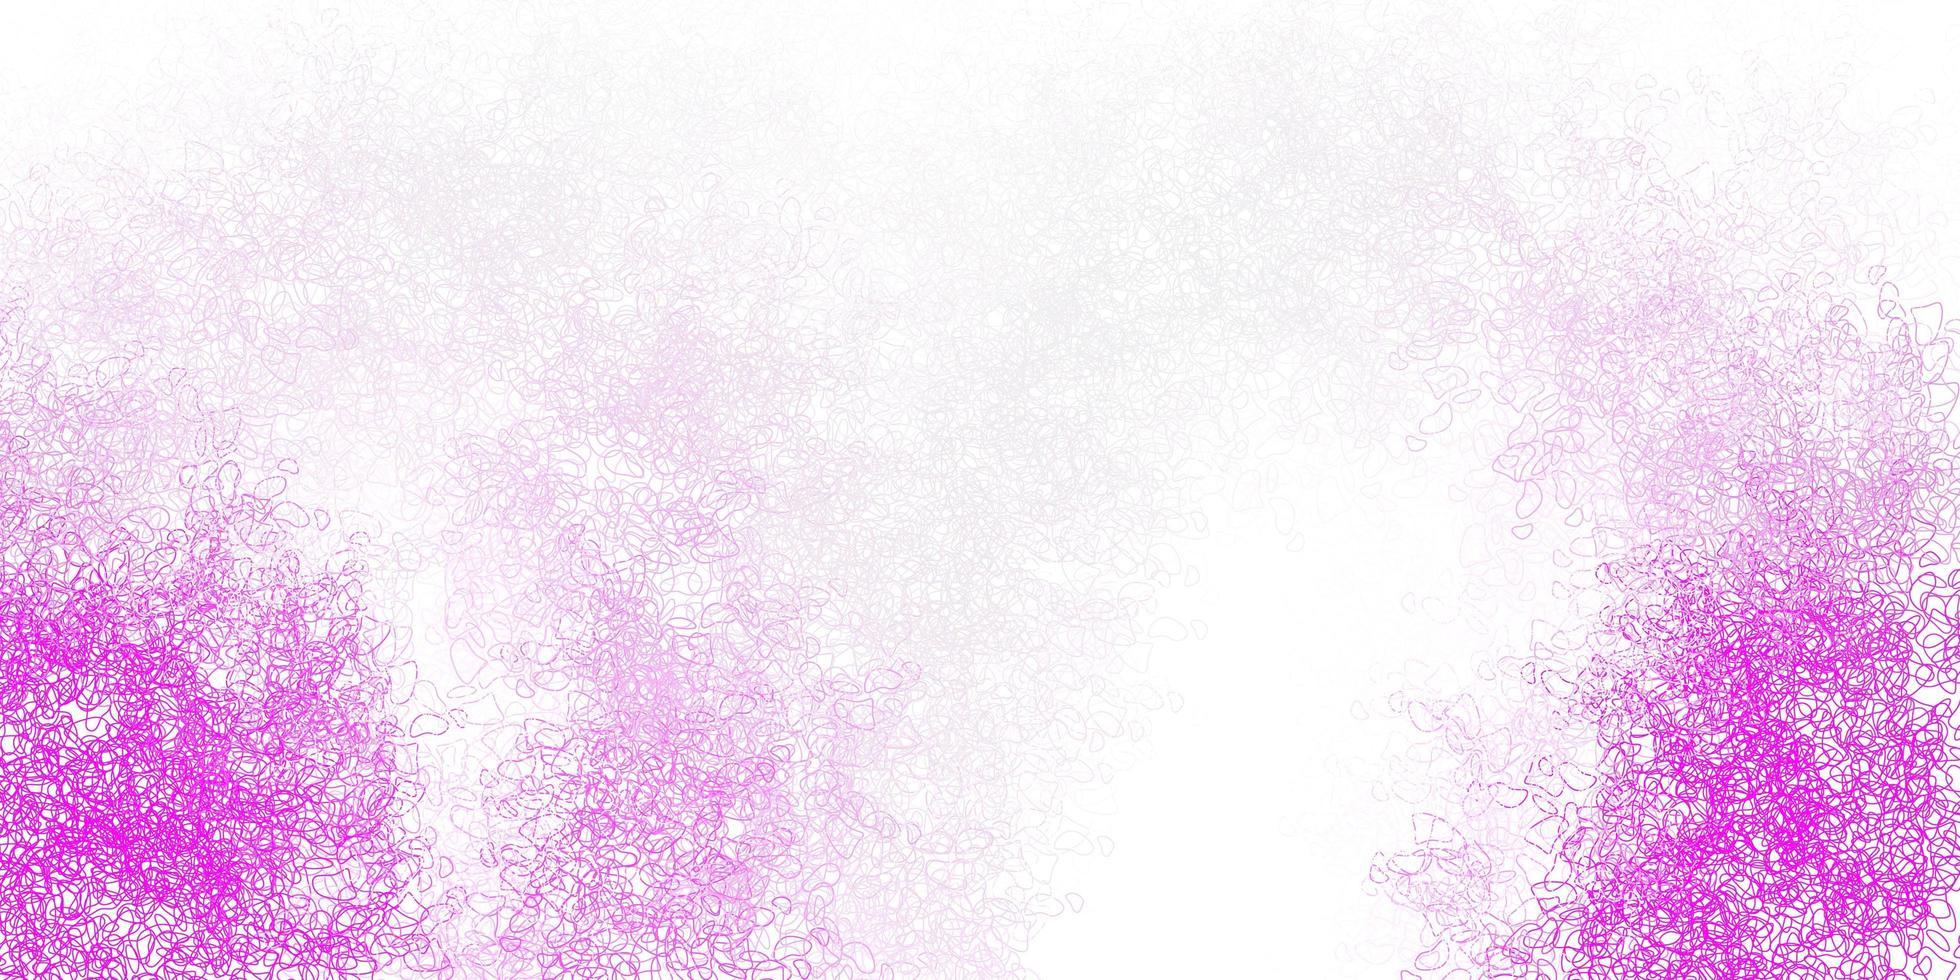 lichtroze vectorachtergrond met chaotische vormen. vector